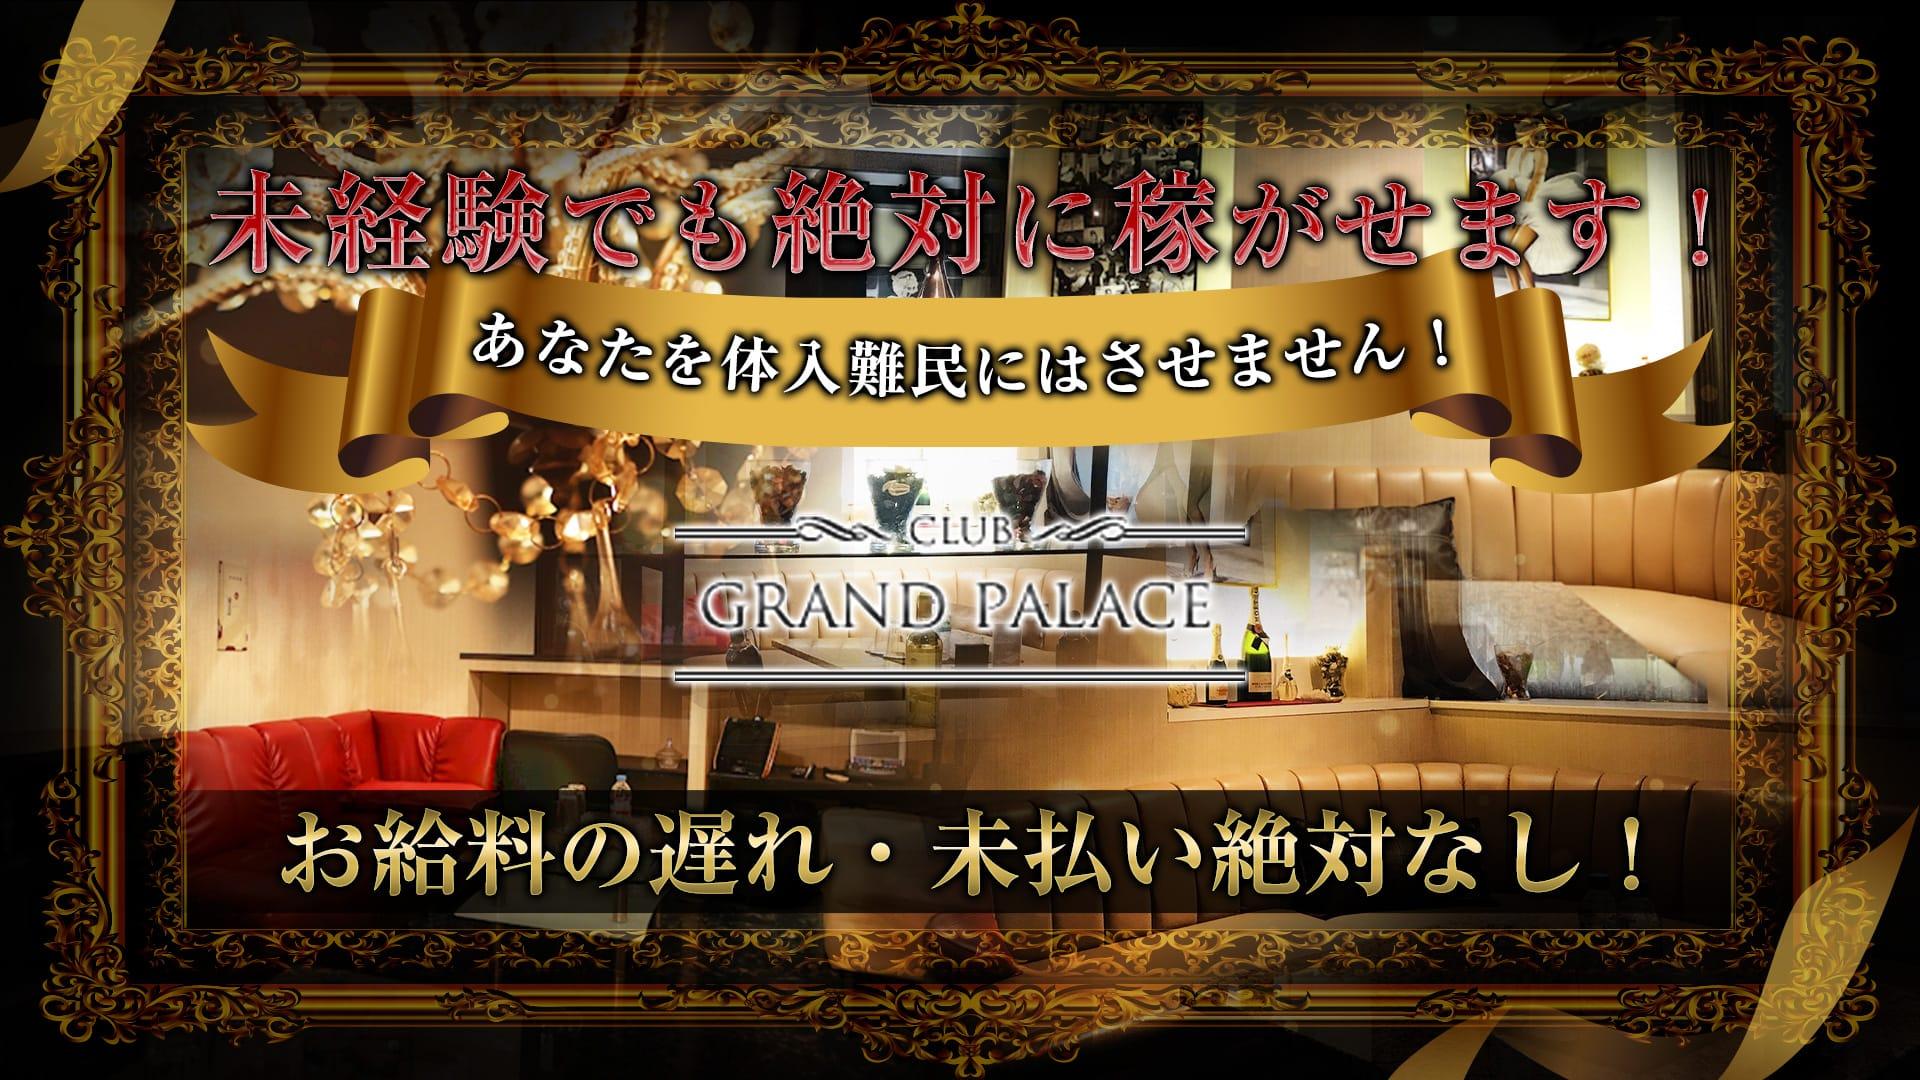 CLUB GRAND PALACE(グランドパレス) 千葉キャバクラ TOP画像